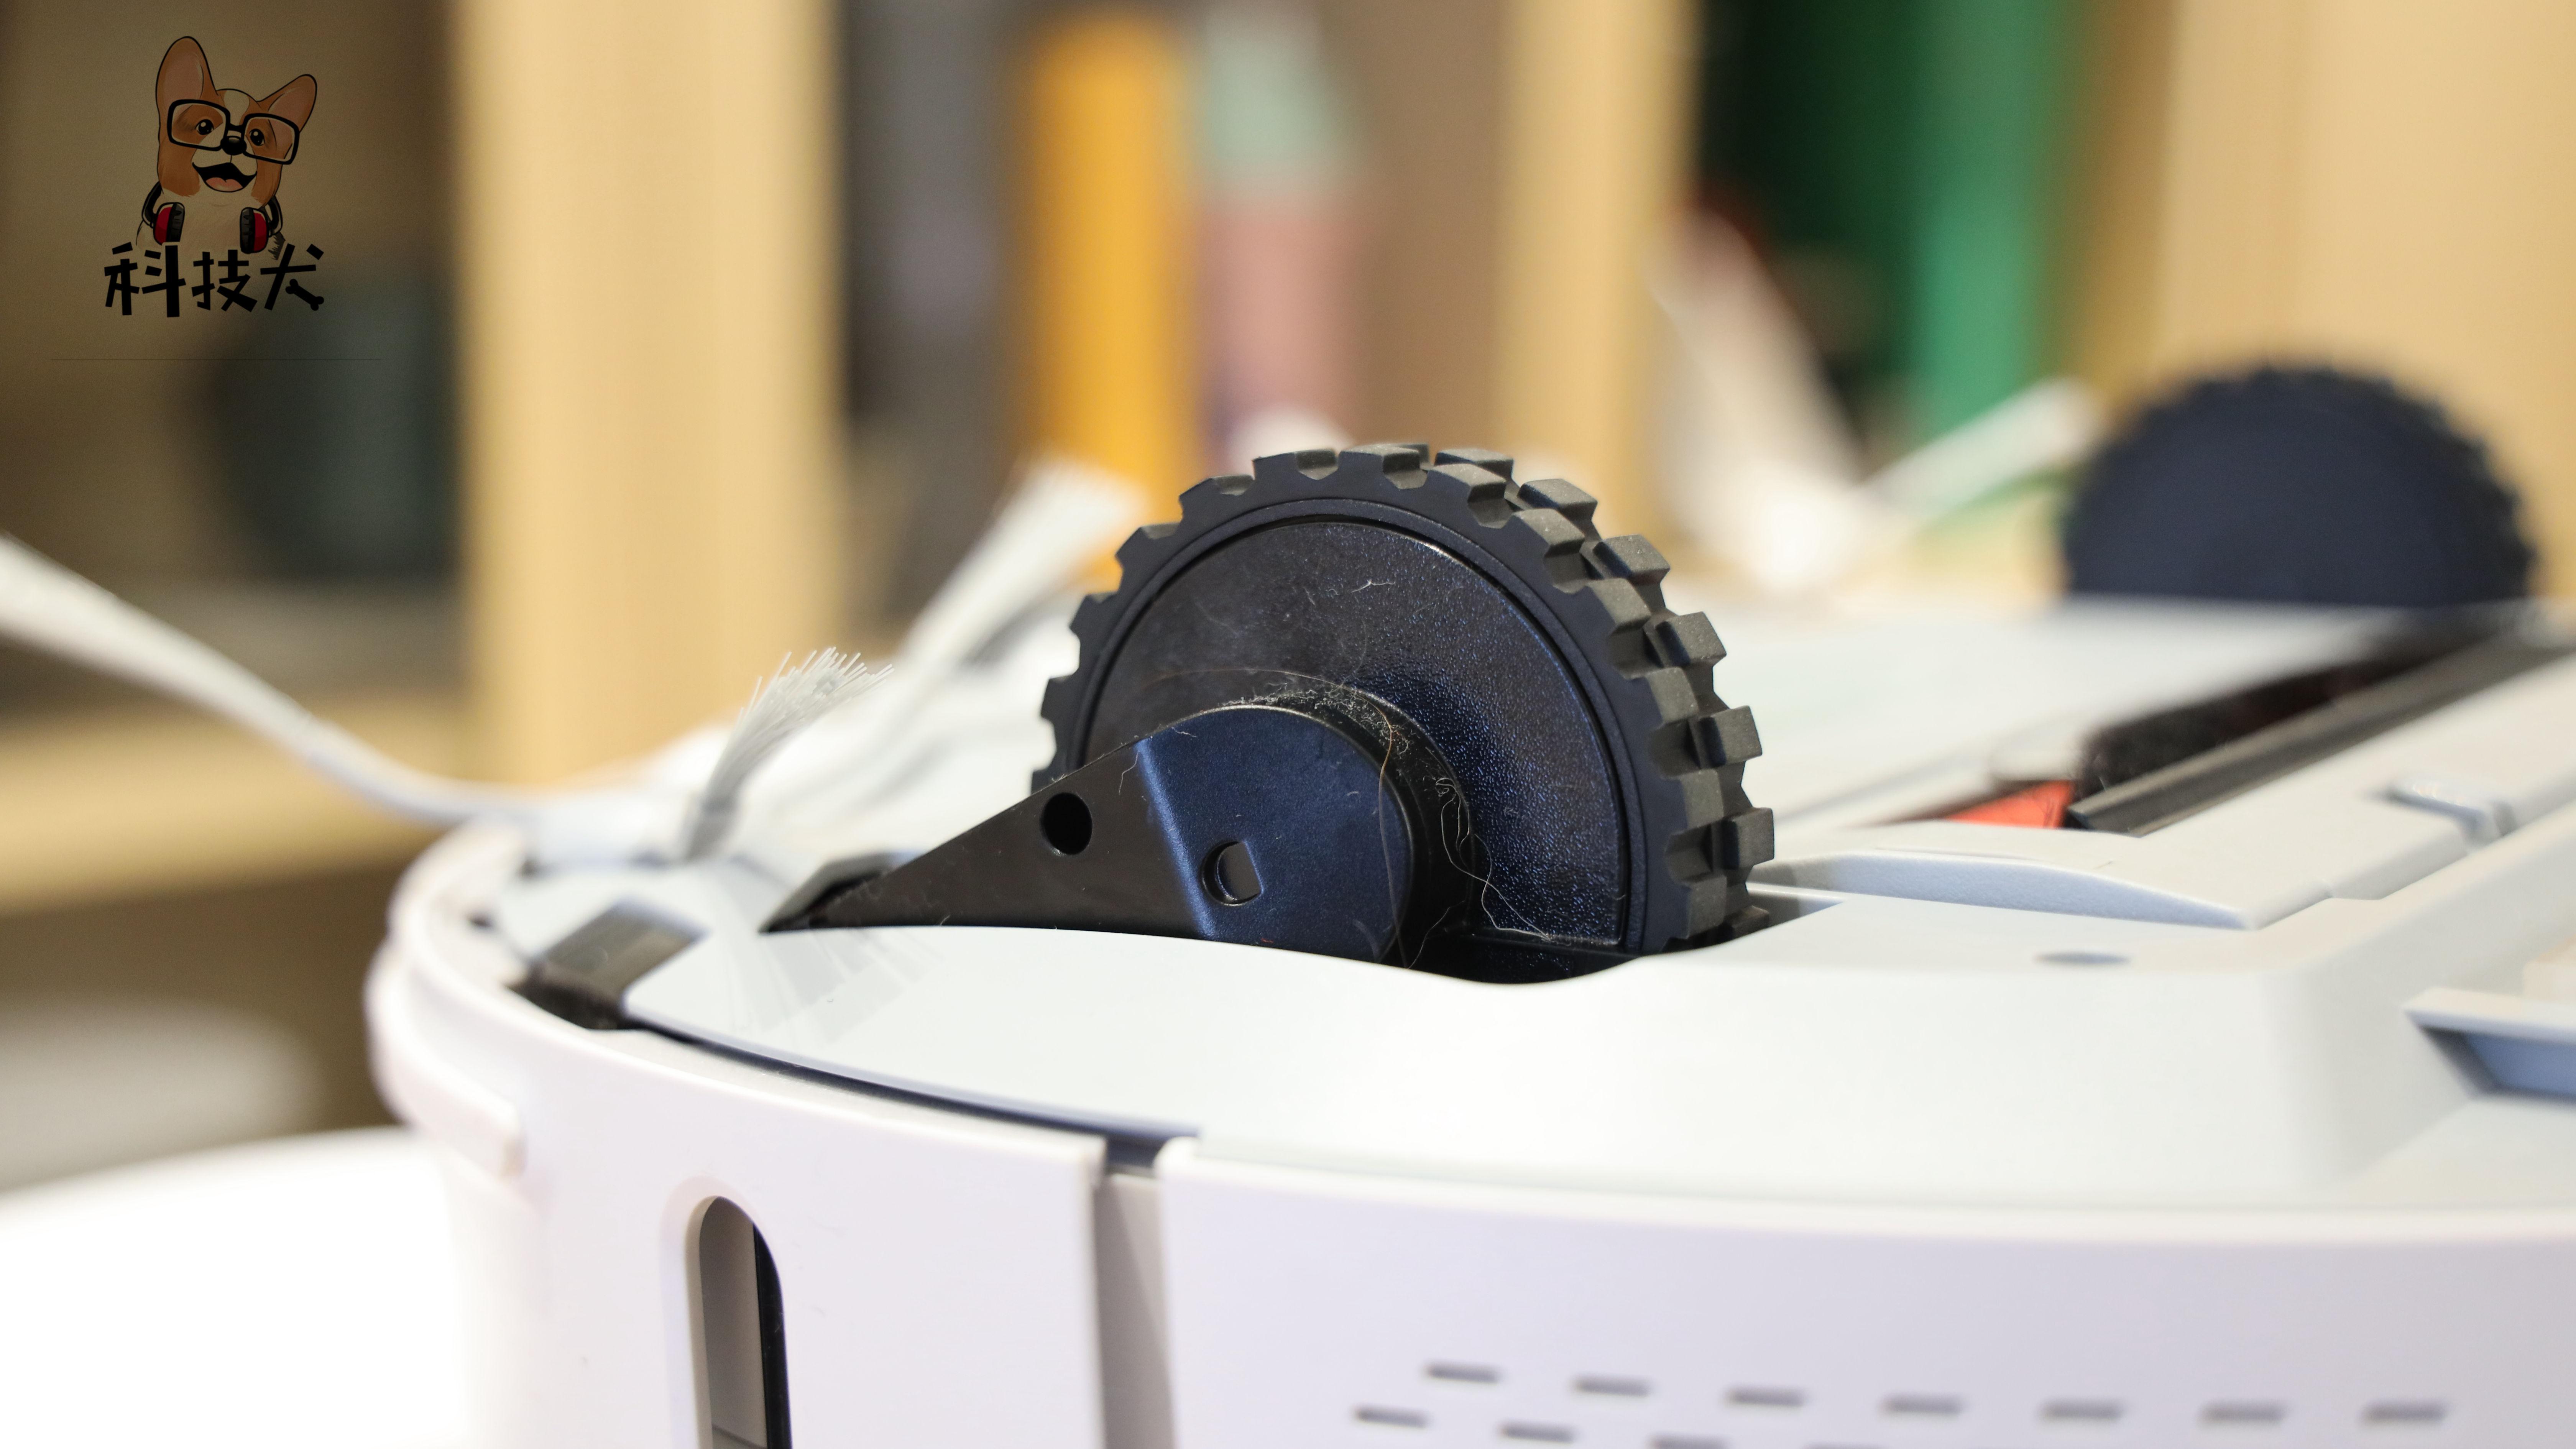 睿米自集尘扫拖机器人EVE PLUS评测:扫吸拖很全能 质价比完美诠释